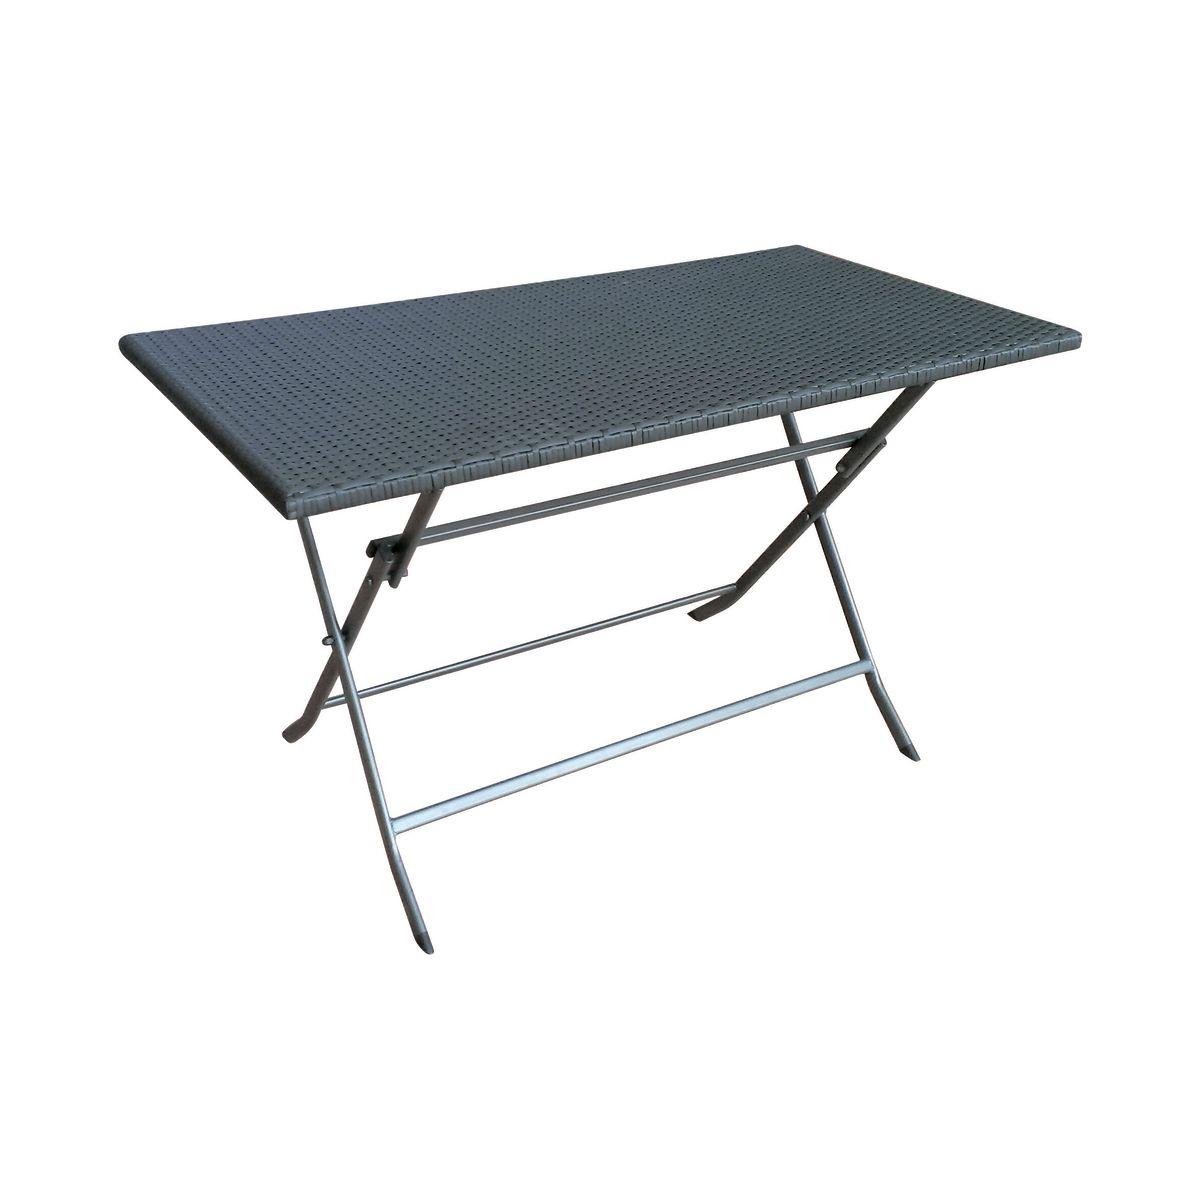 Tavolo pieghevole 120 x 60 cm antracite prezzi e offerte for Tavoli da esterno leroy merlin